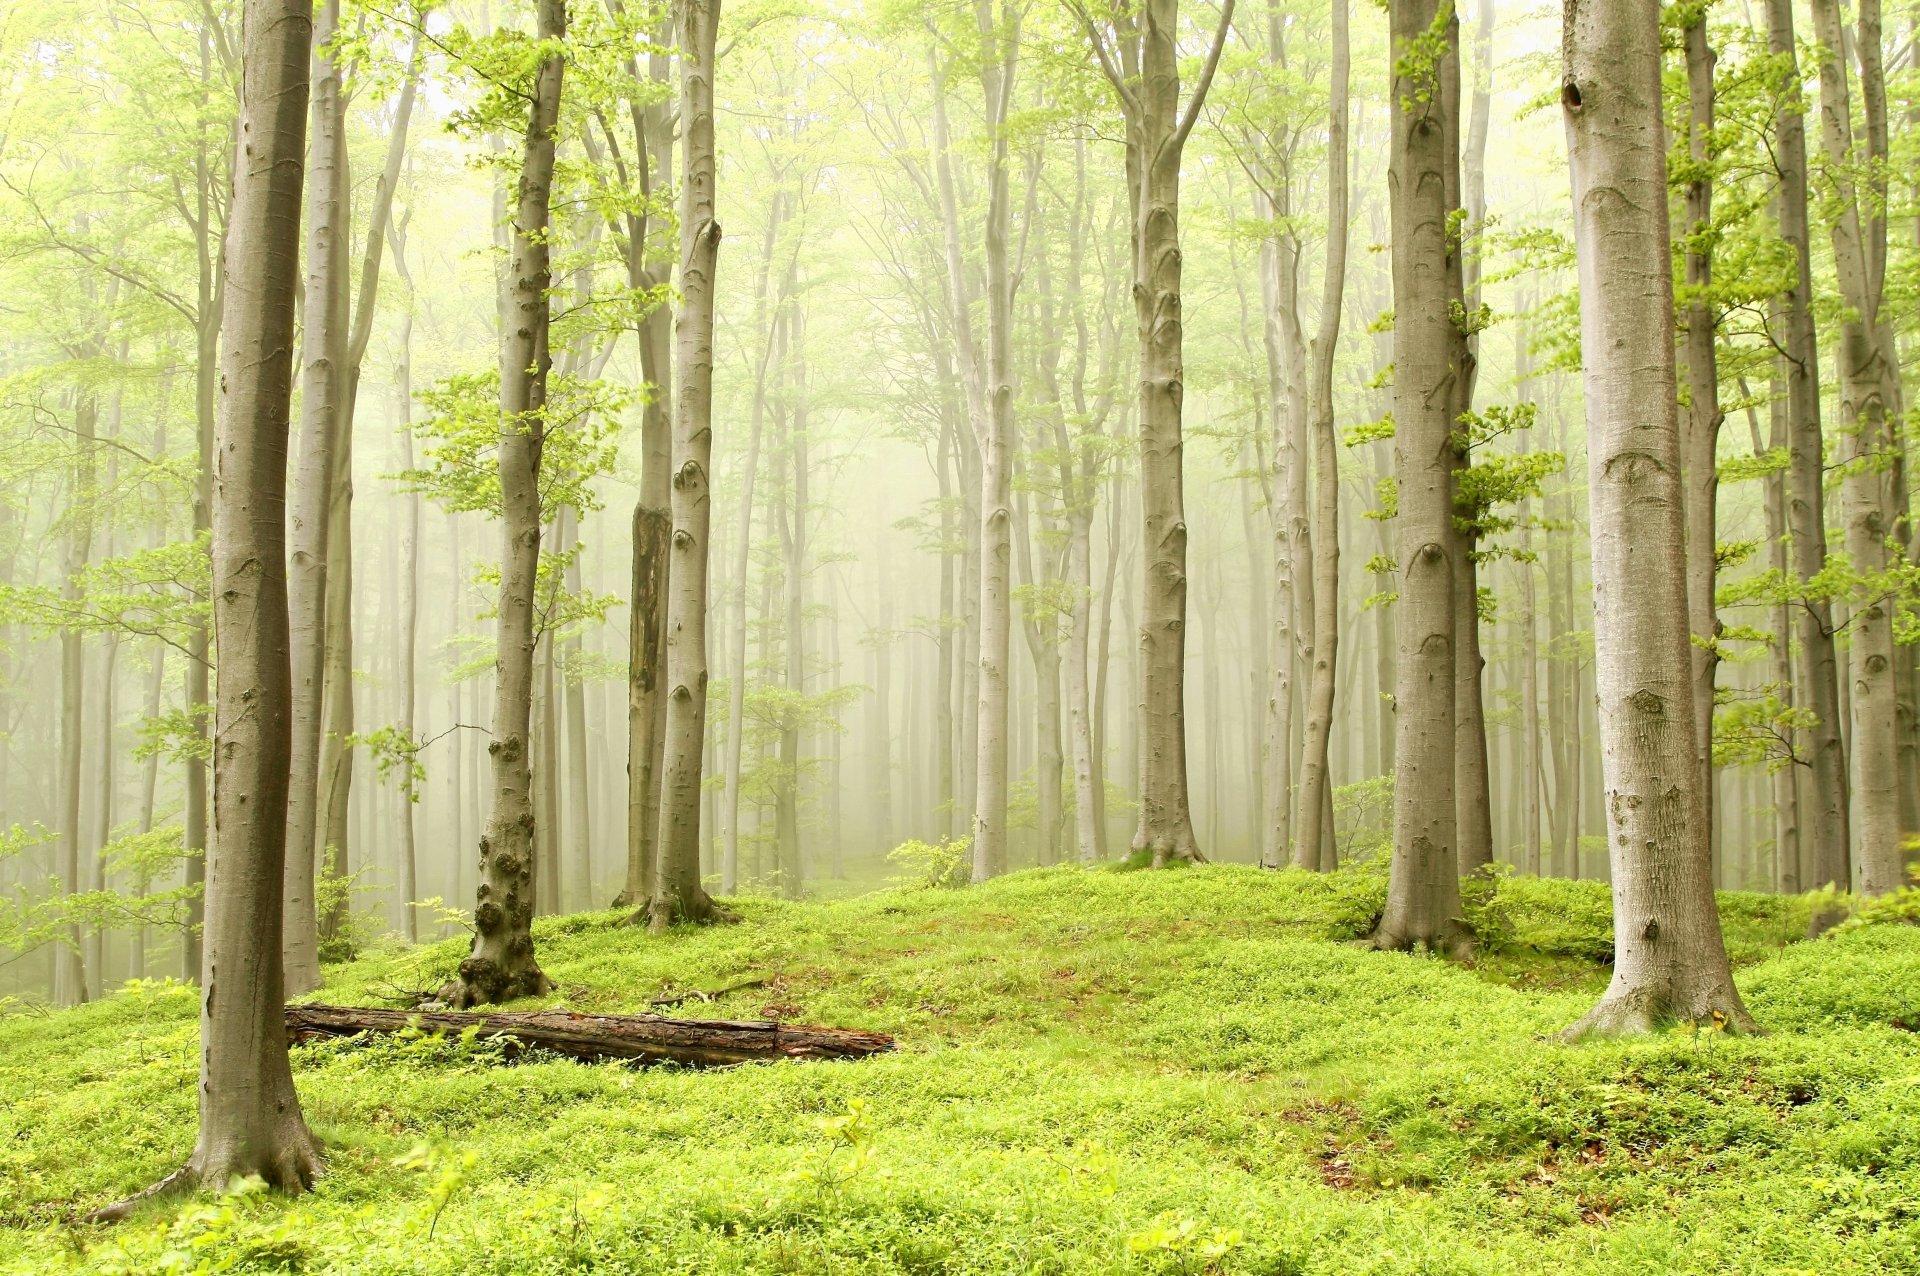 Фон леса для поздравления, днем